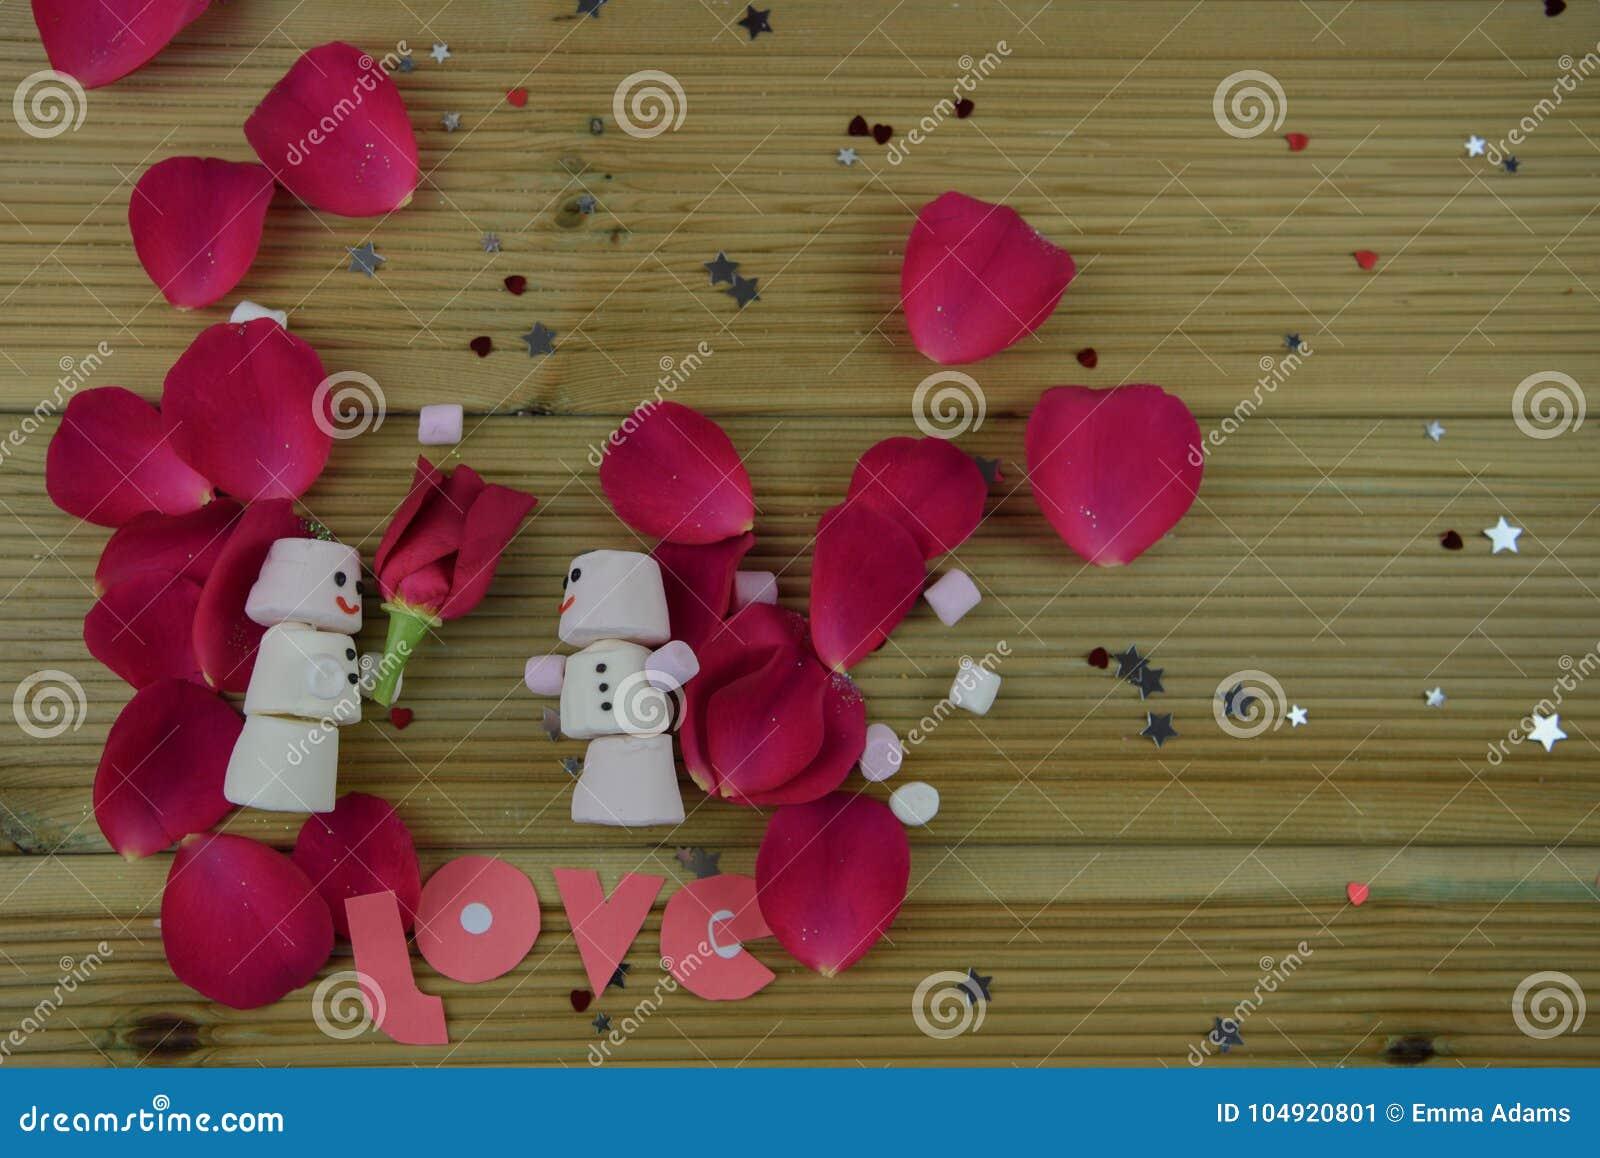 Romantisches Wintersaisonphotographiebild mit den Eibischen, die als Schneemann mit Lächeln geformt wurden, gefror an und eine ro